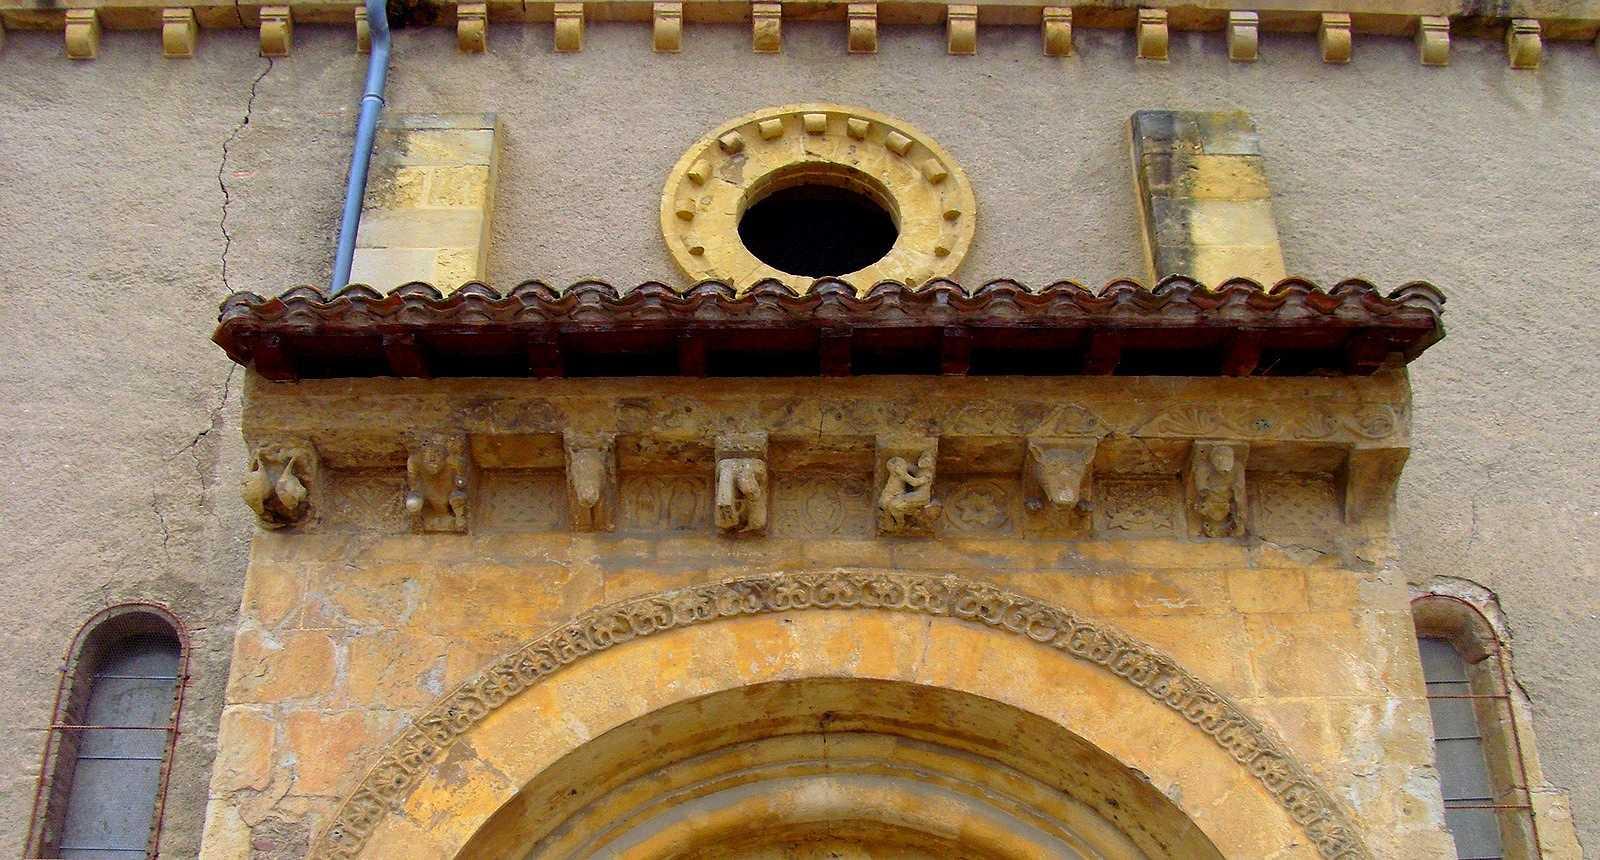 Porte de l'église de l'Assomption de Maubourguet